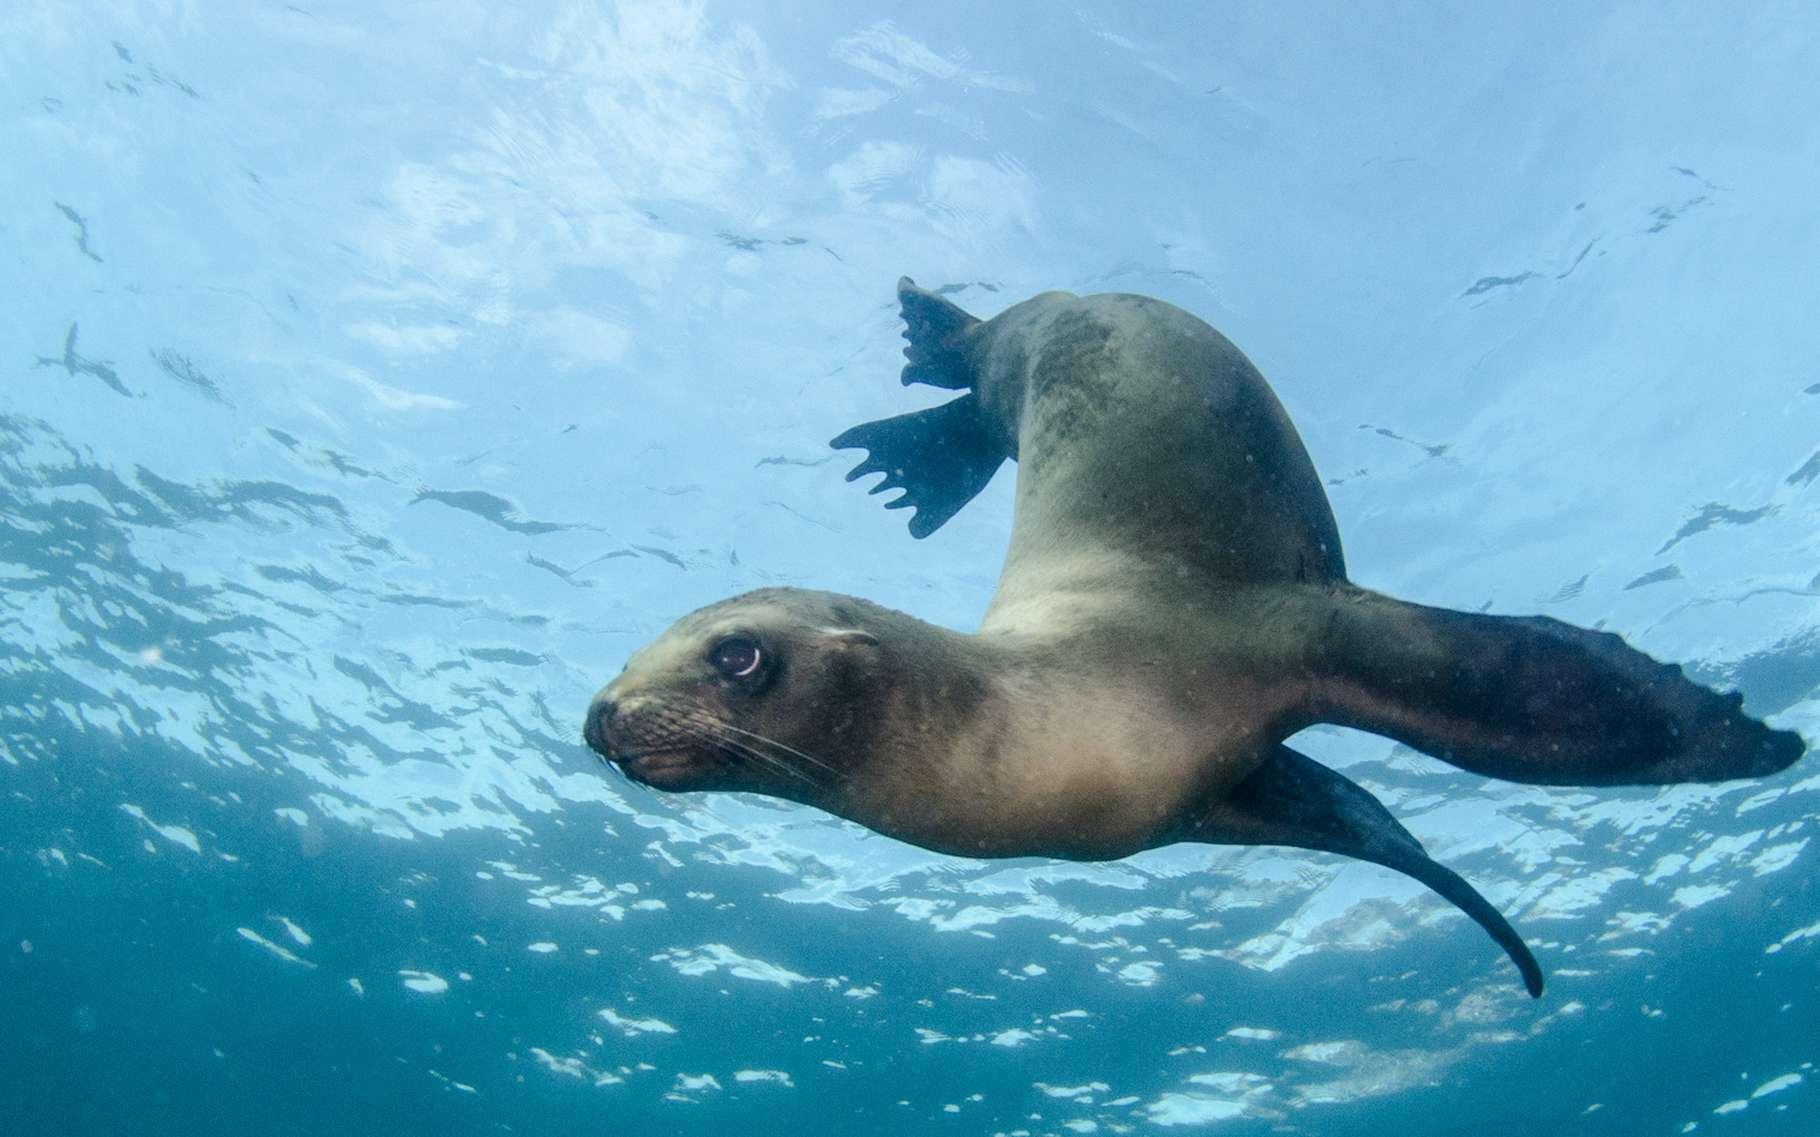 Côté taille de cerveau, l'otarie de Californie n'a pas été gâtée par la nature. Pourtant, l'animal des mers n'est… pas si bête ! © leonardogonzalez, Adobe Stock